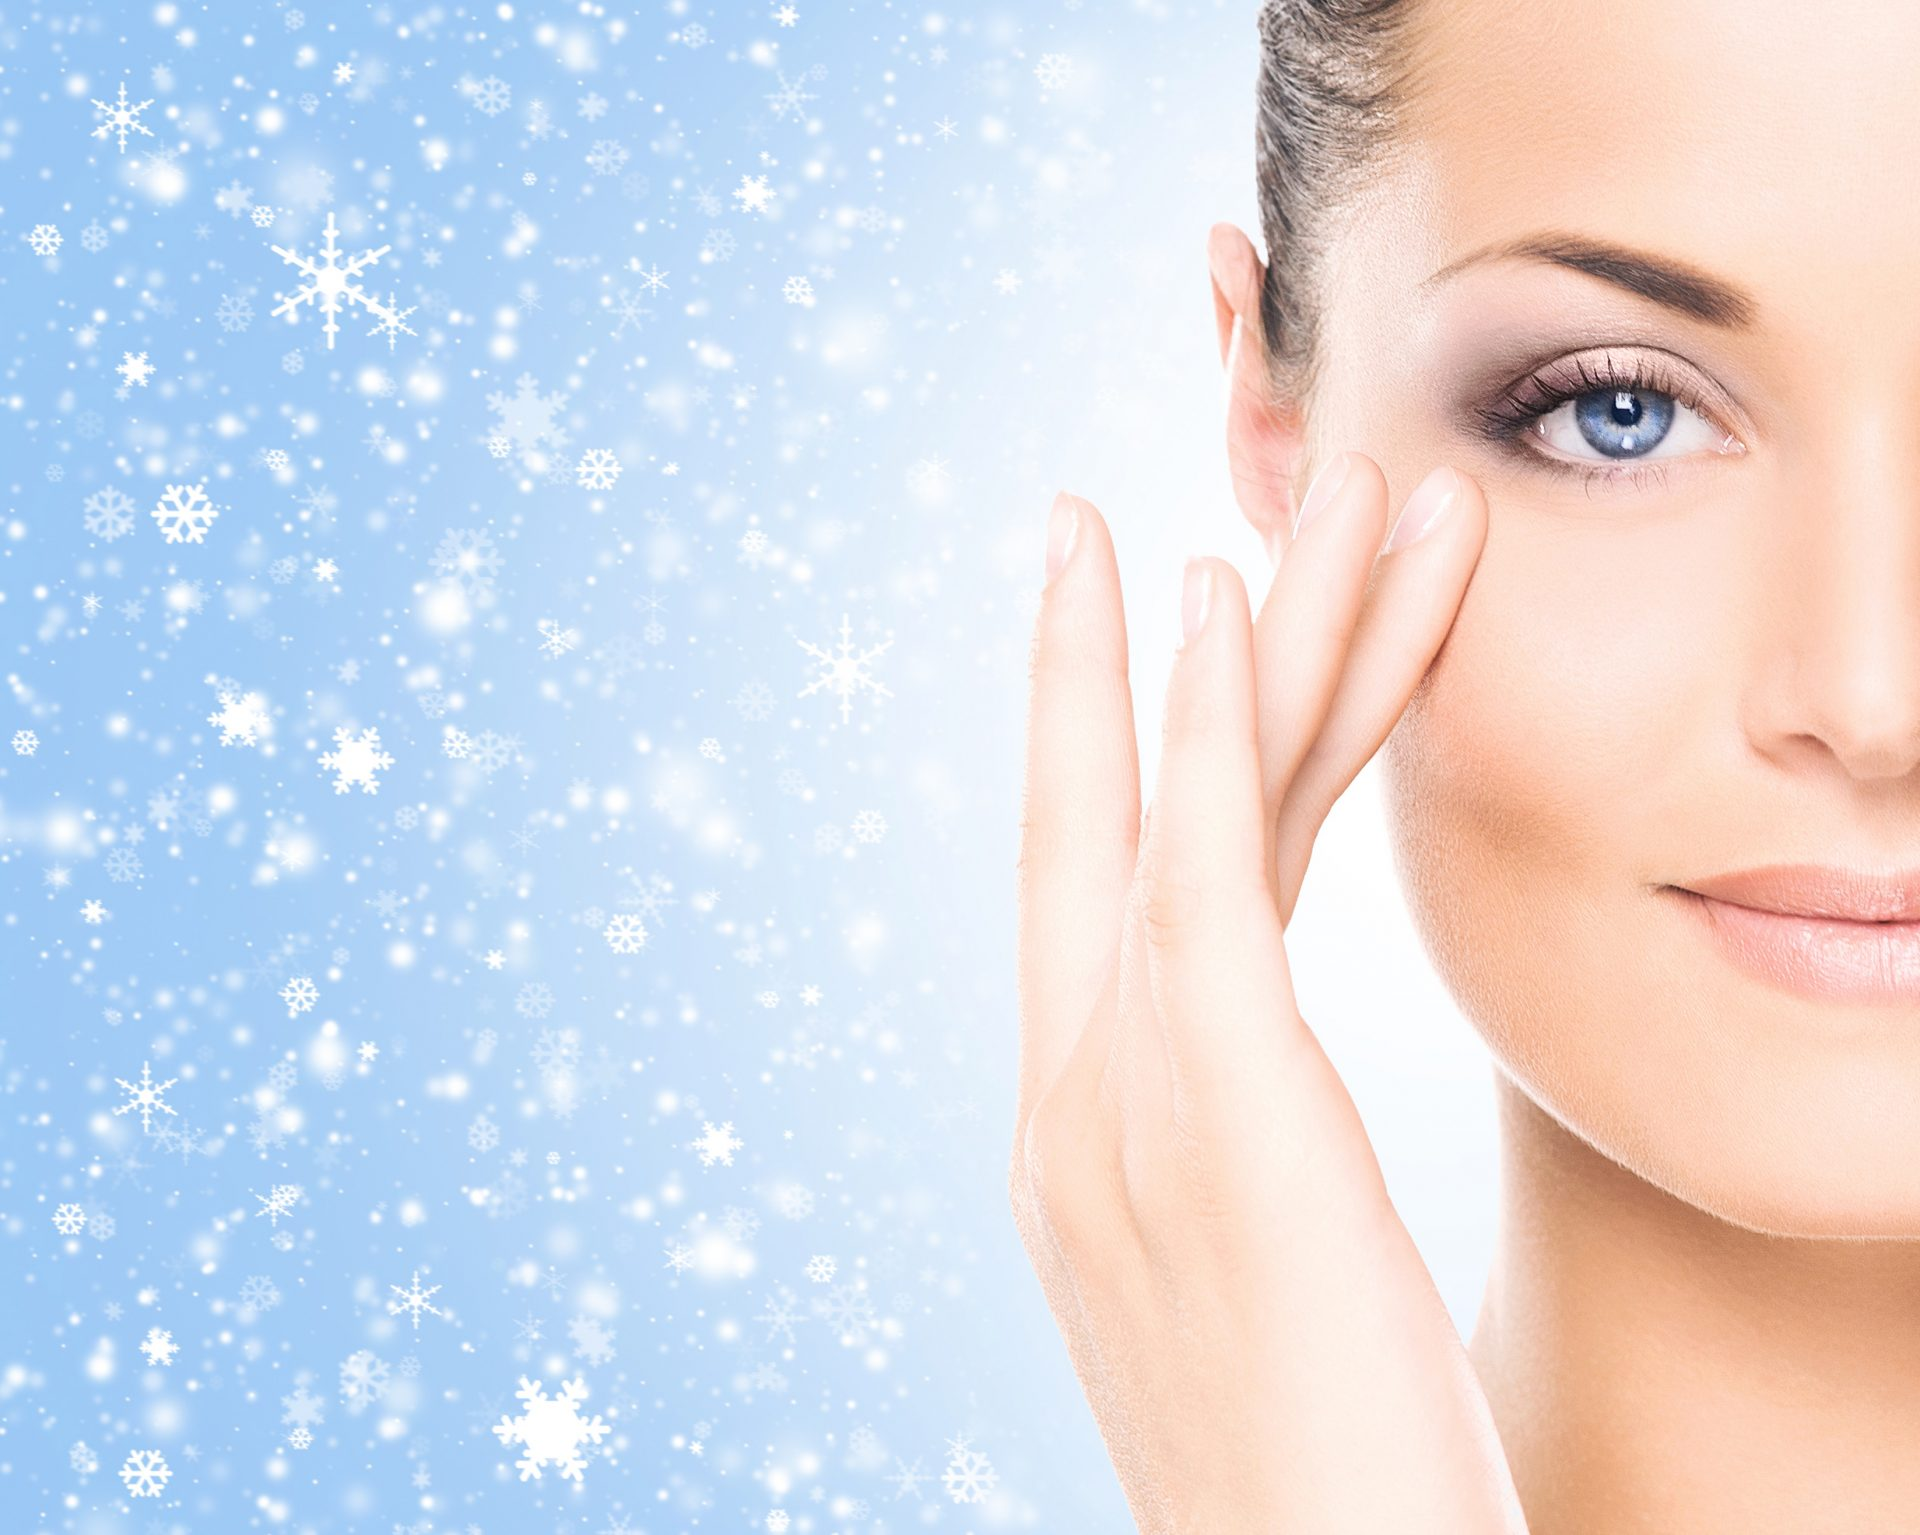 טיפול פנים בחורף (Shutterstock) צילום: Maksim Shmeljov